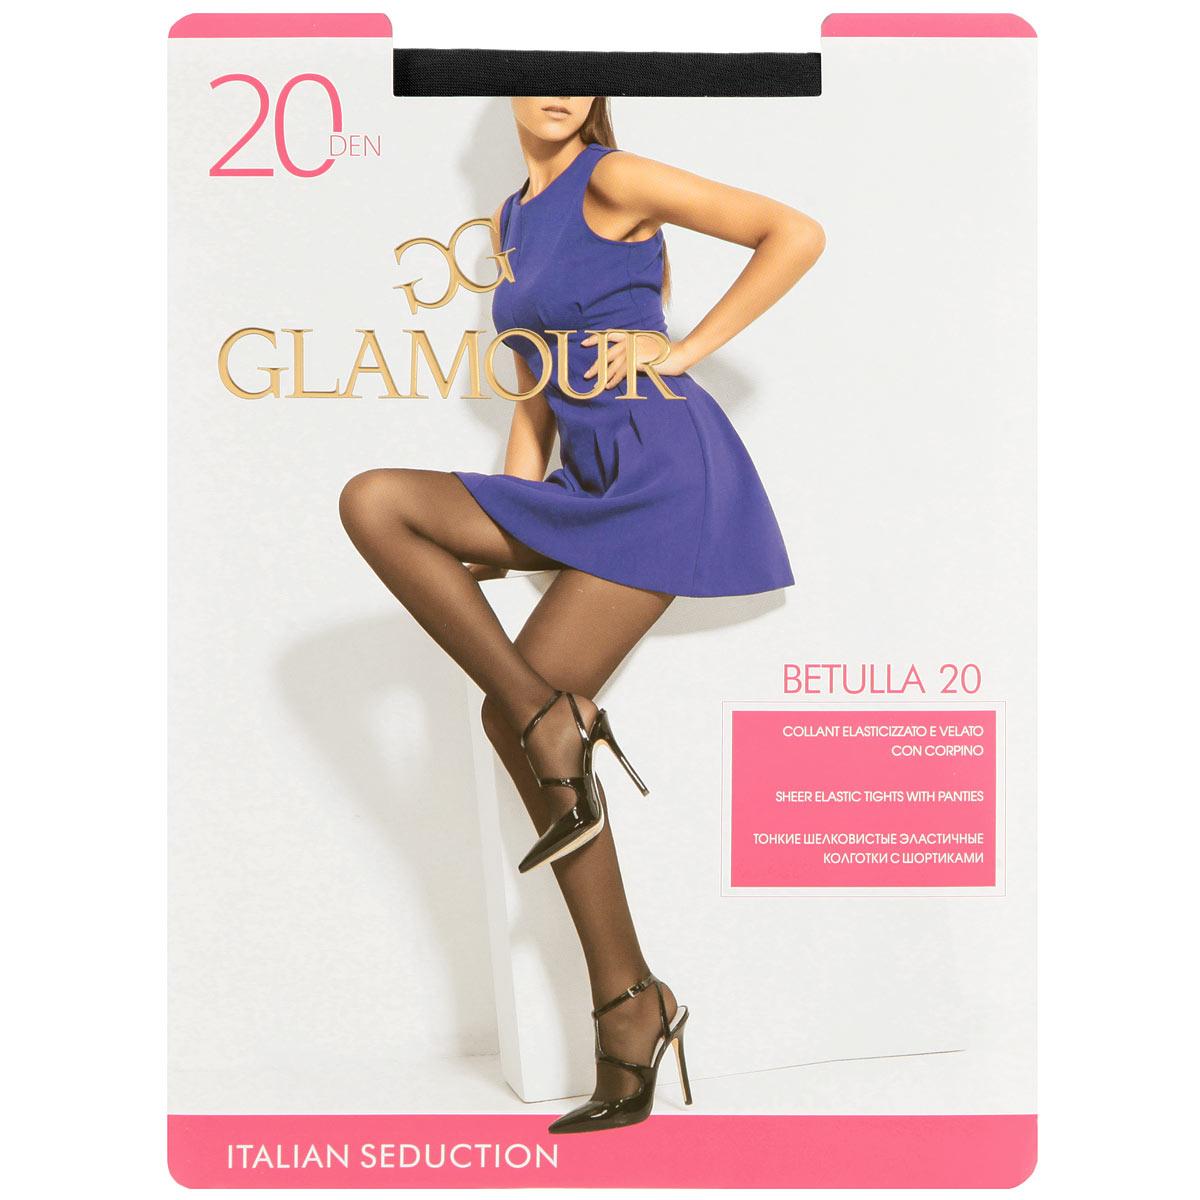 Колготки женские Glamour Betulla 20, цвет: Nero (черный). Размер 5 (XL) колготки filodoro slim control top размер 2 плотность 40 den nero